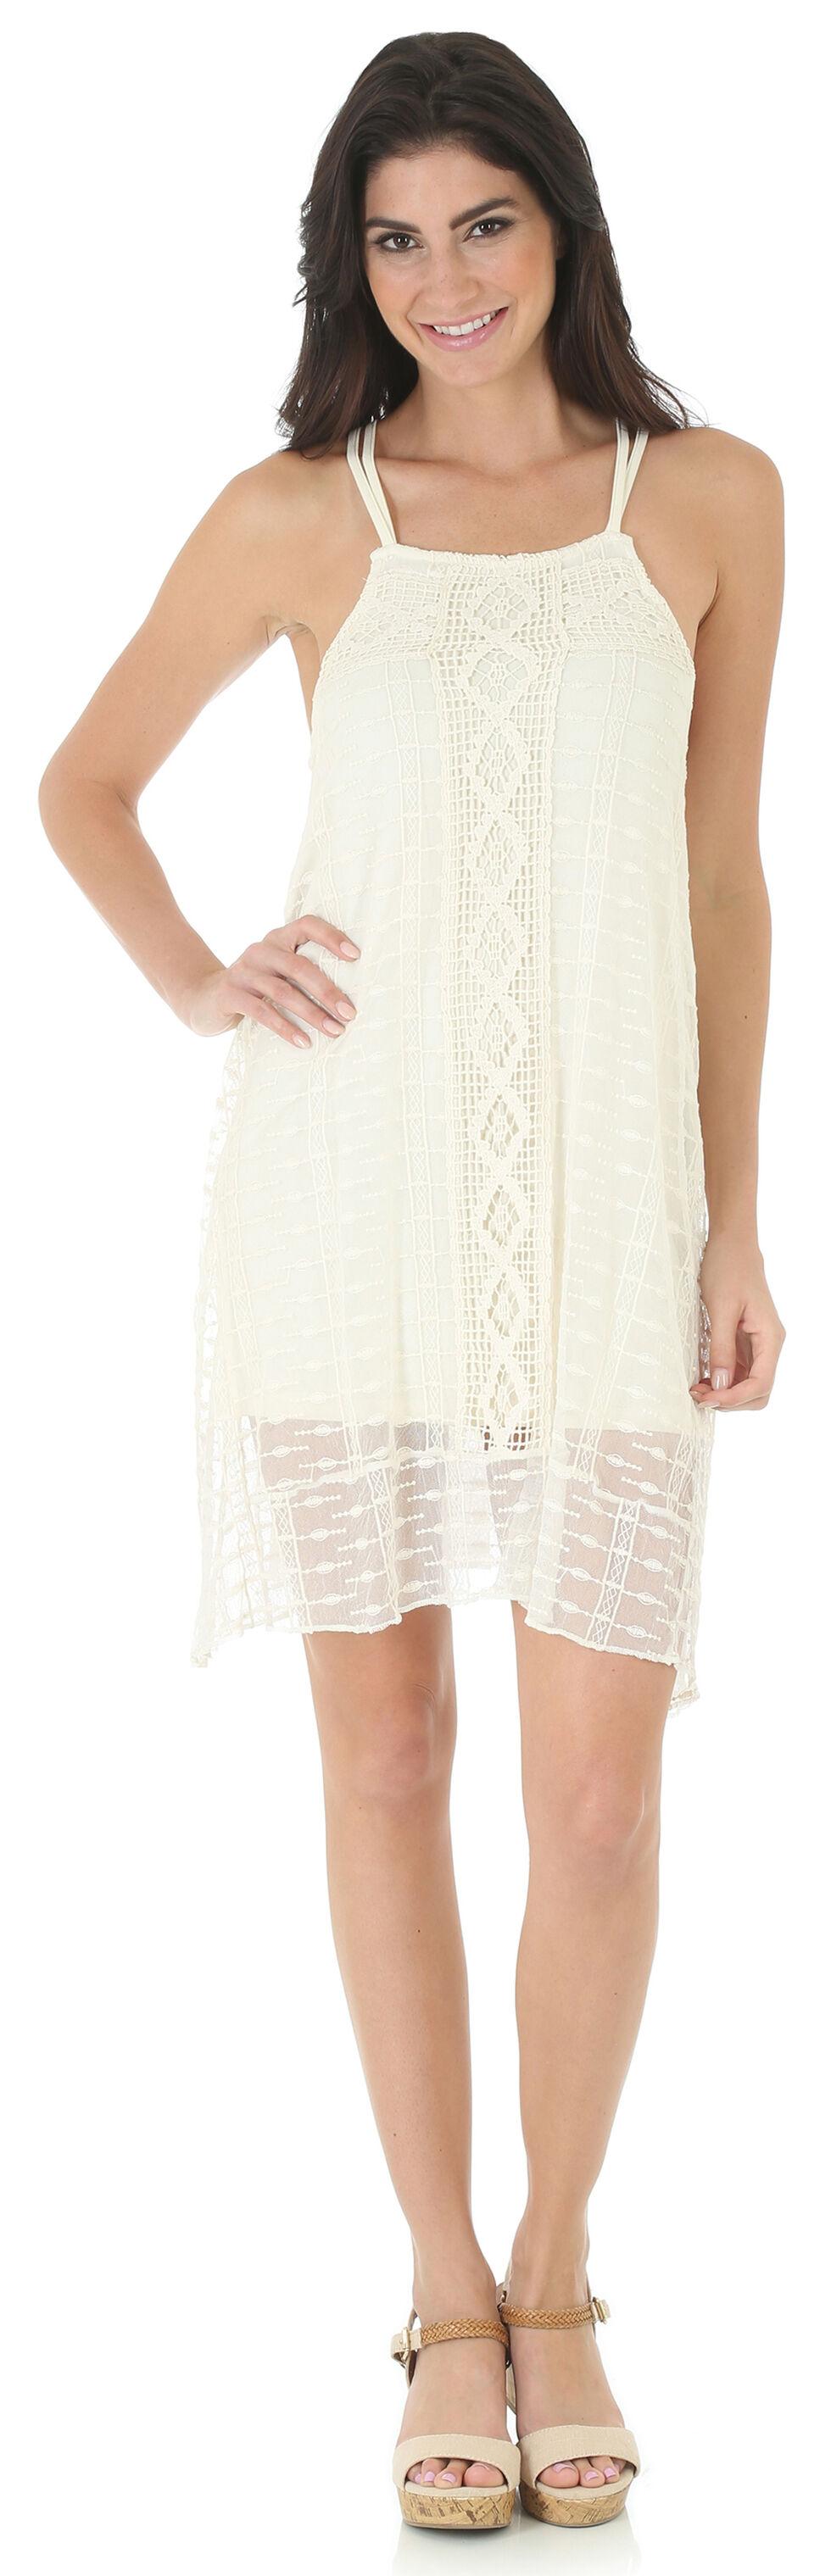 Wrangler Women's Cream Sleeveless Crochet Dress, Cream, hi-res